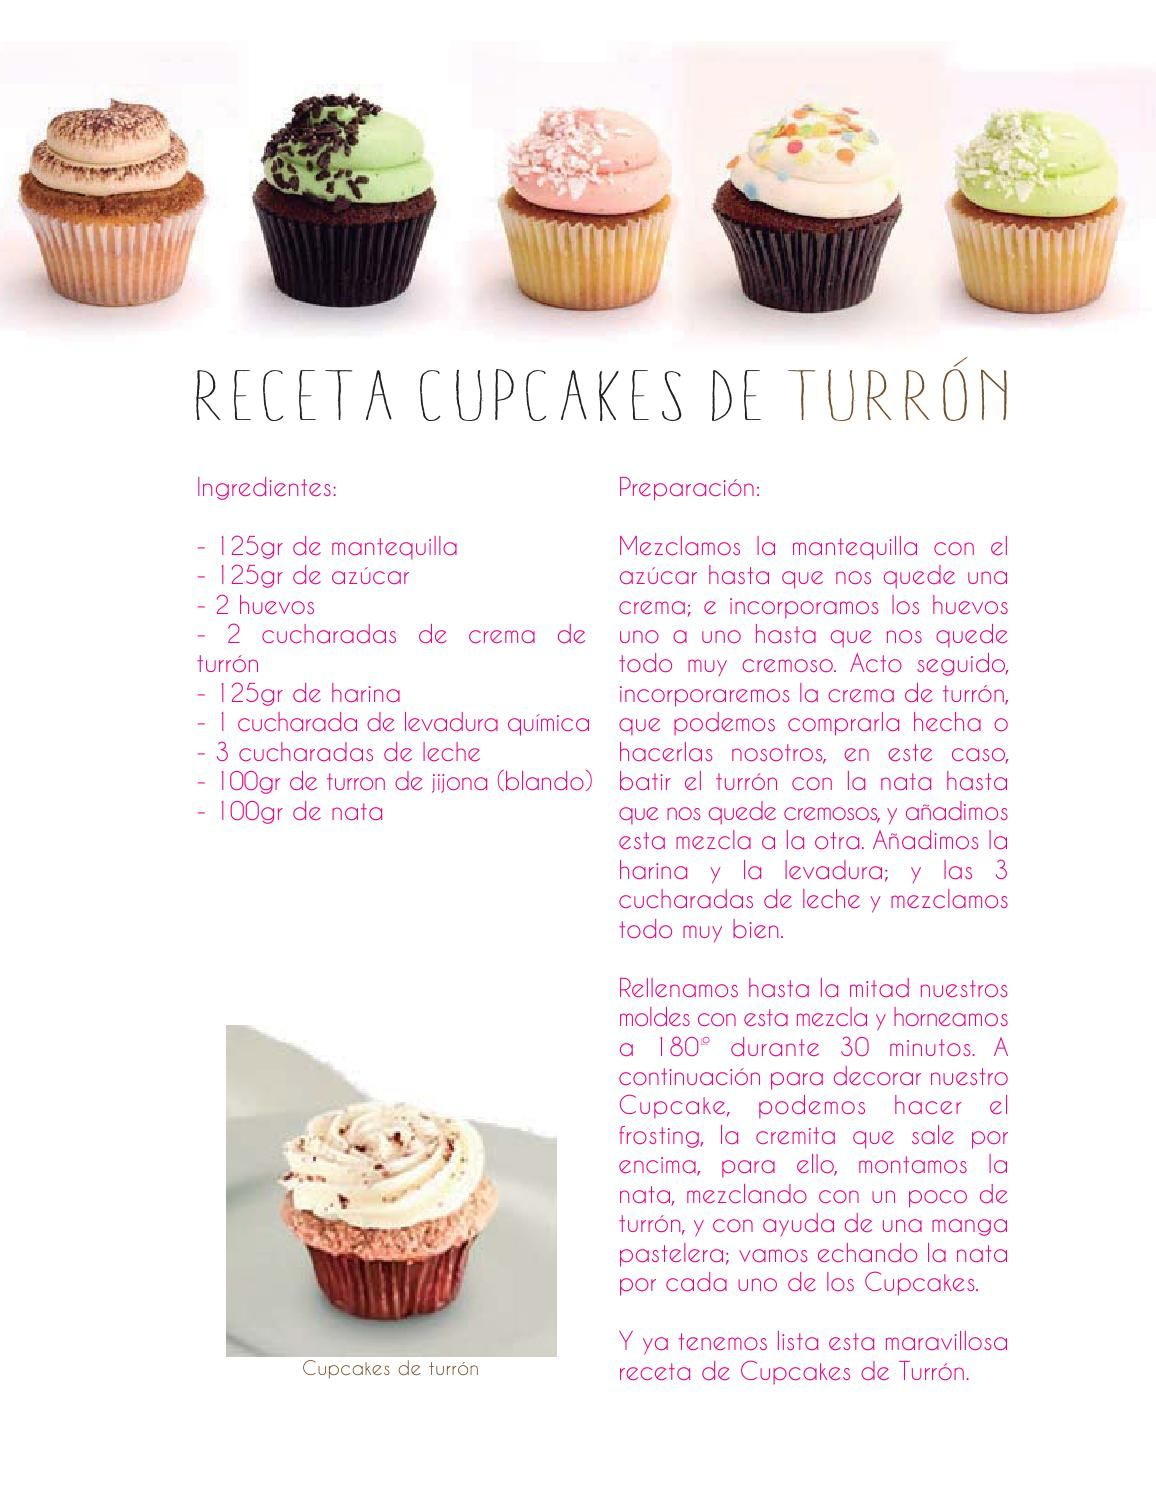 9b0a4f0261a278396b29d629de51fc89 - Recetas Cup Cake